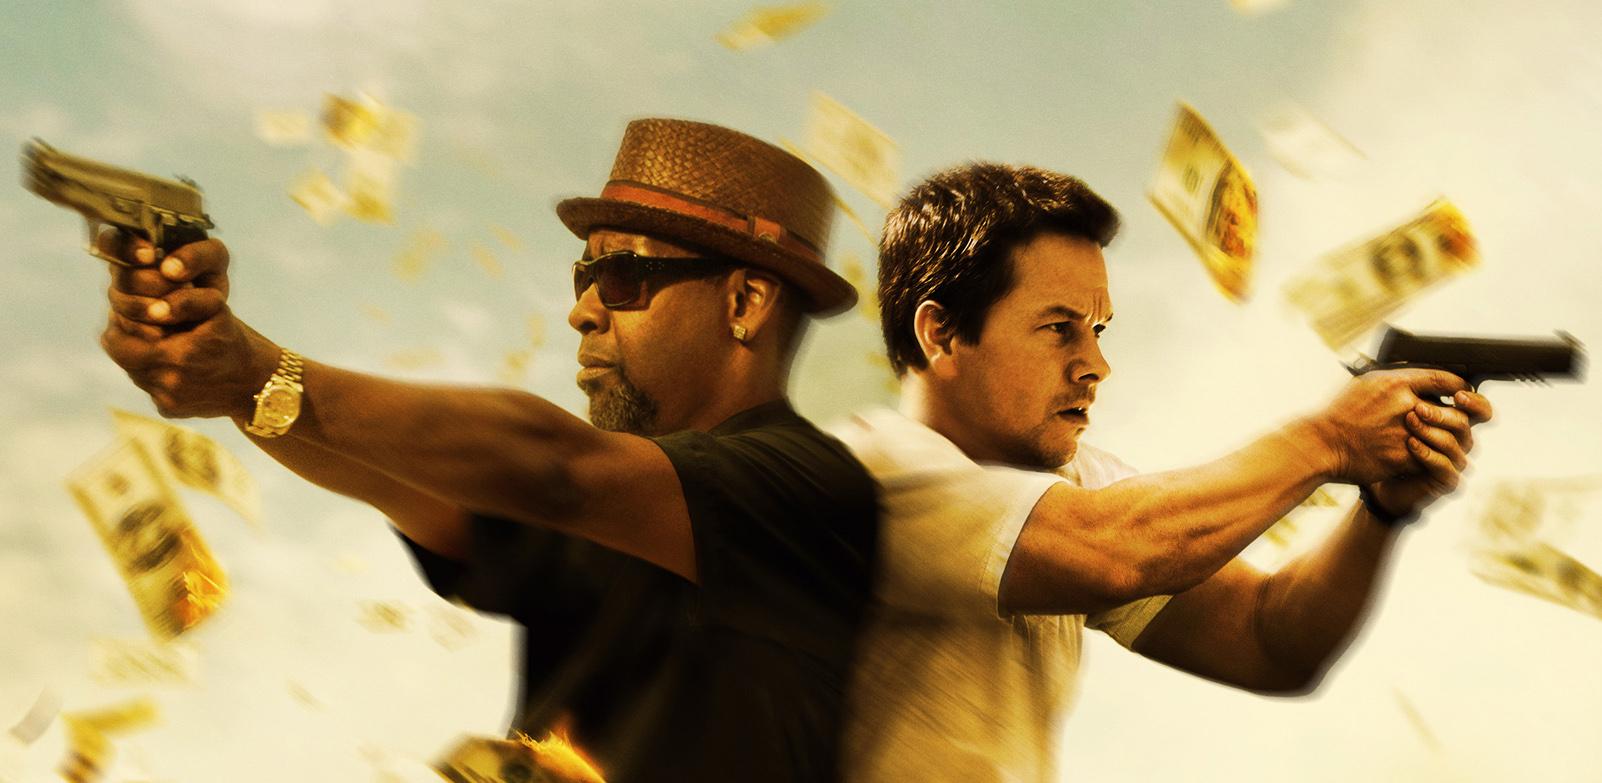 2_guns_movie-wide1.jpg